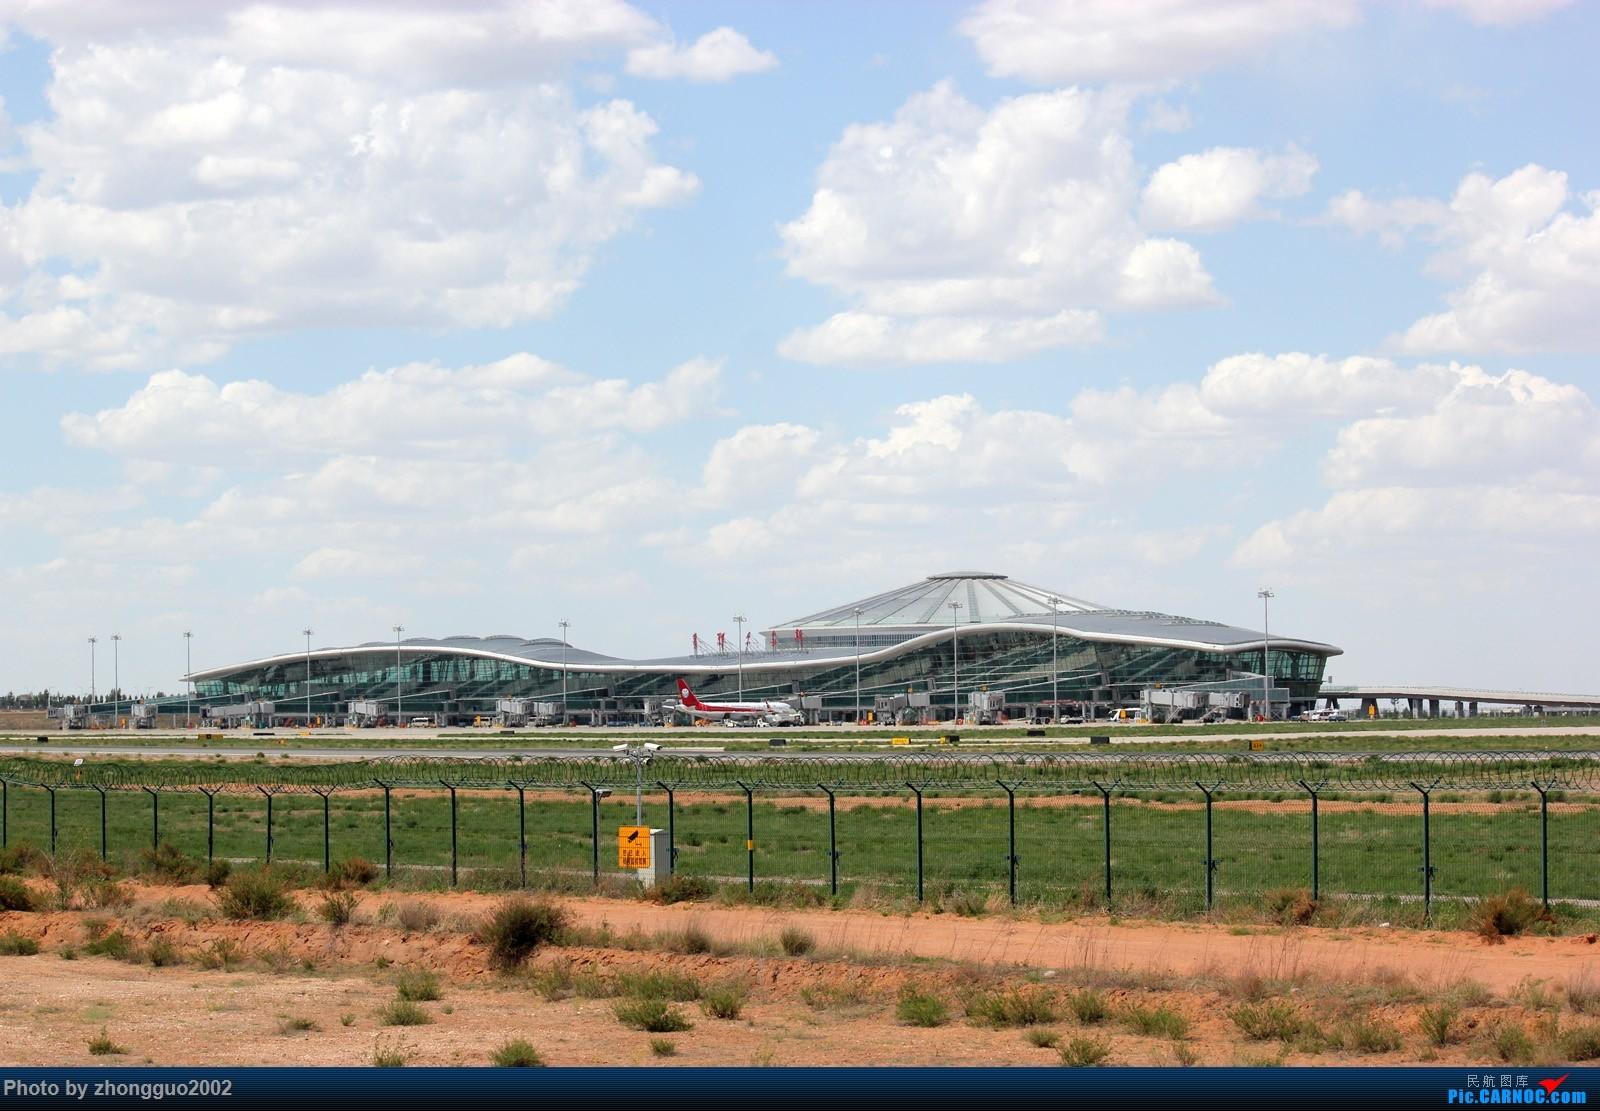 Re:[原创]赶上鄂尔多斯通航Y-5本场练习,顺便拍点其他飞机    中国鄂尔多斯伊金霍洛机场